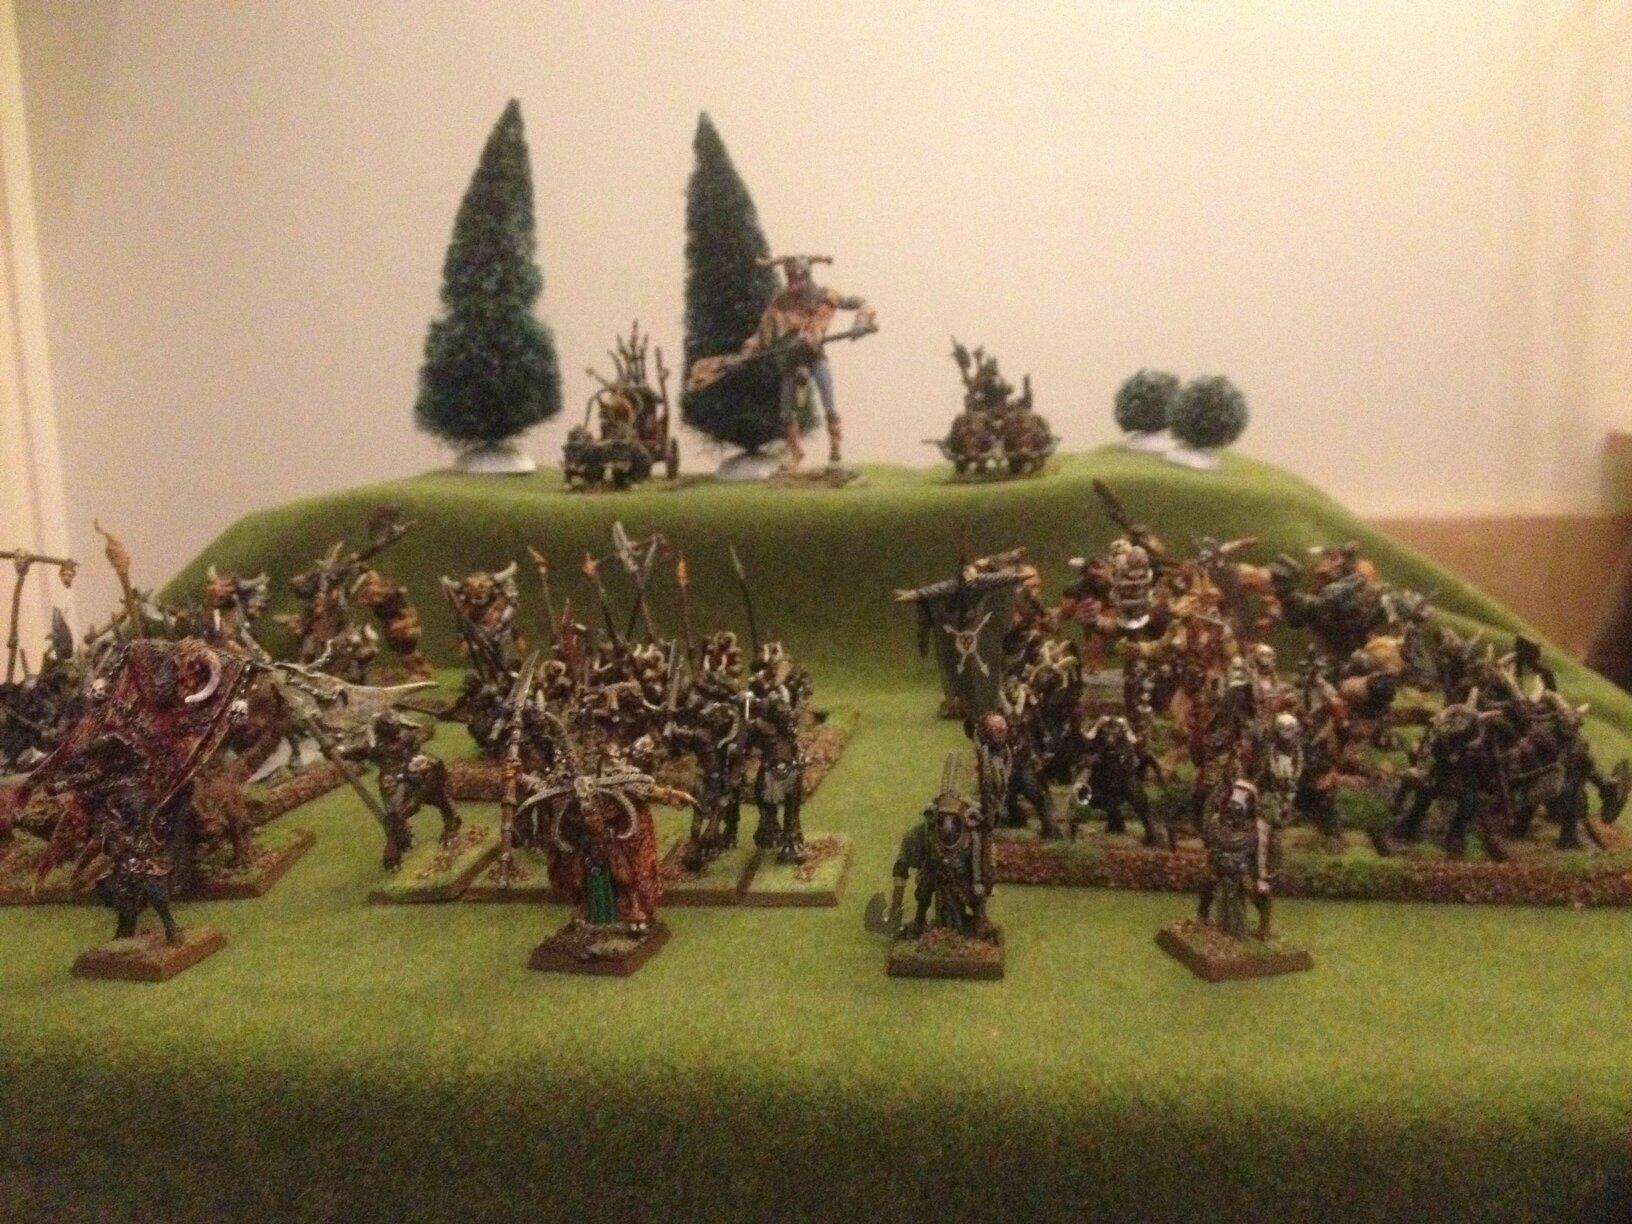 Warhammer Hommes Betes